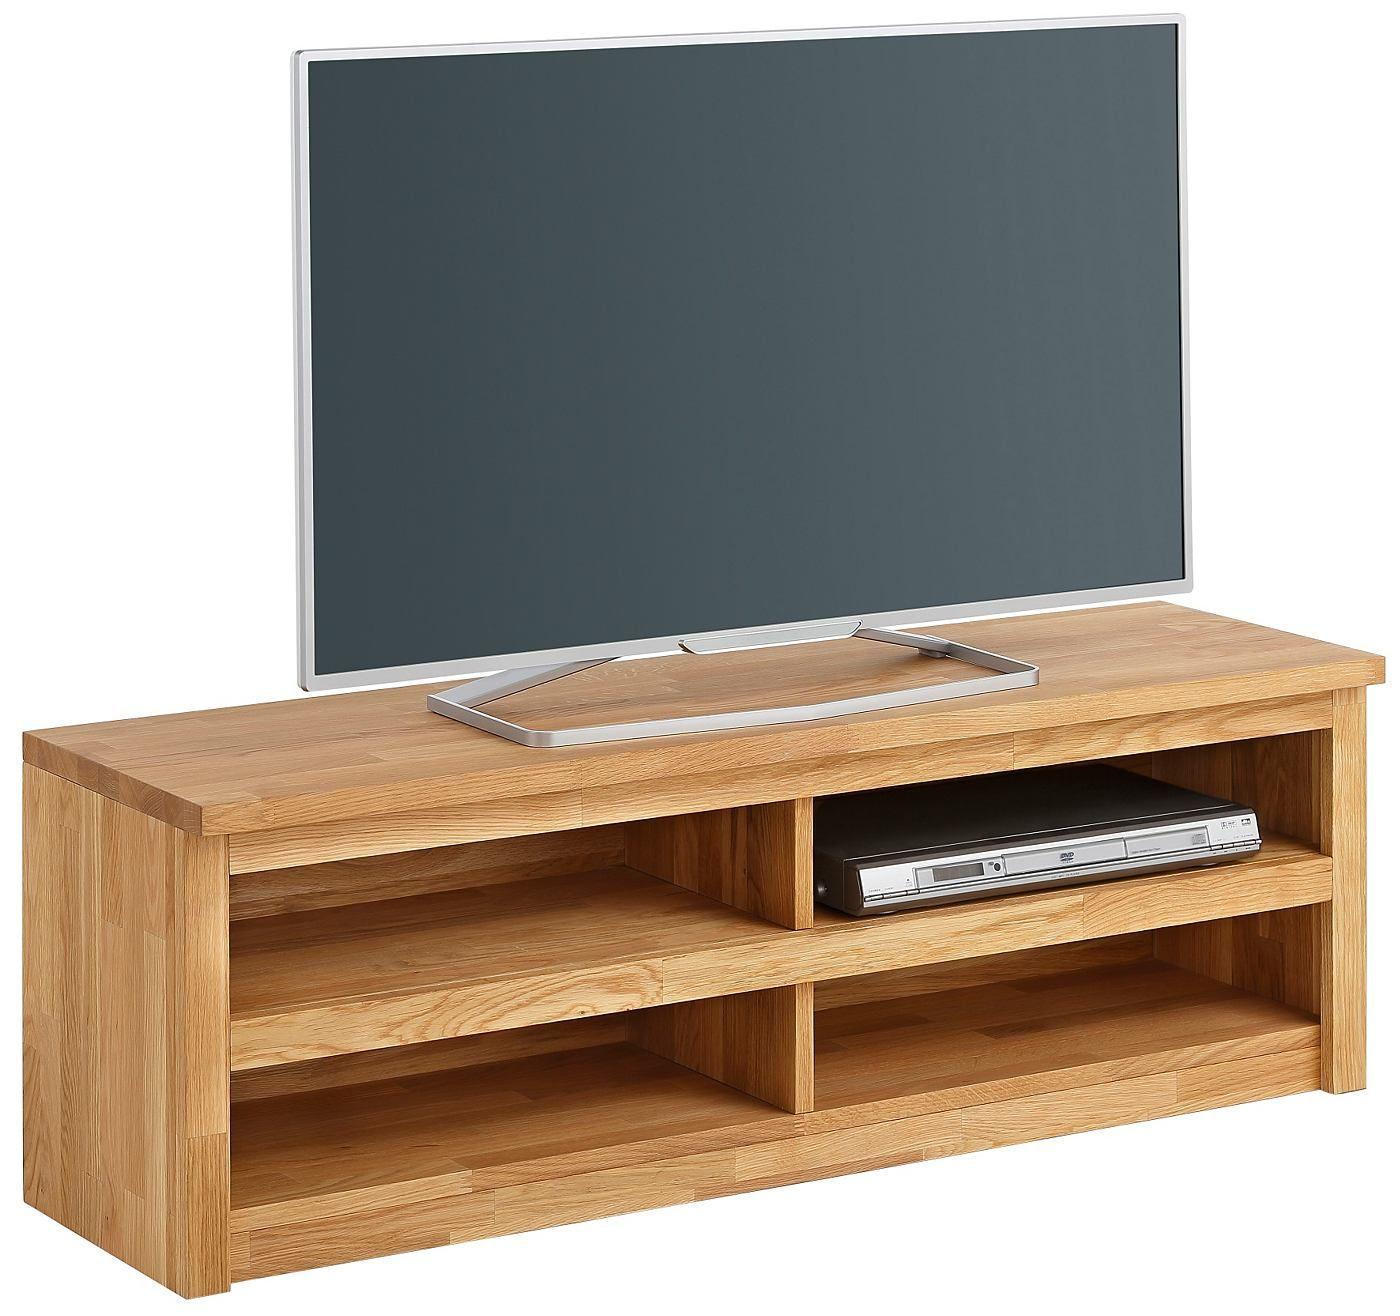 Home Affaire Lowboard Sofia Breite 120 Cm Otto Lowboard Tv Mobel Mobel